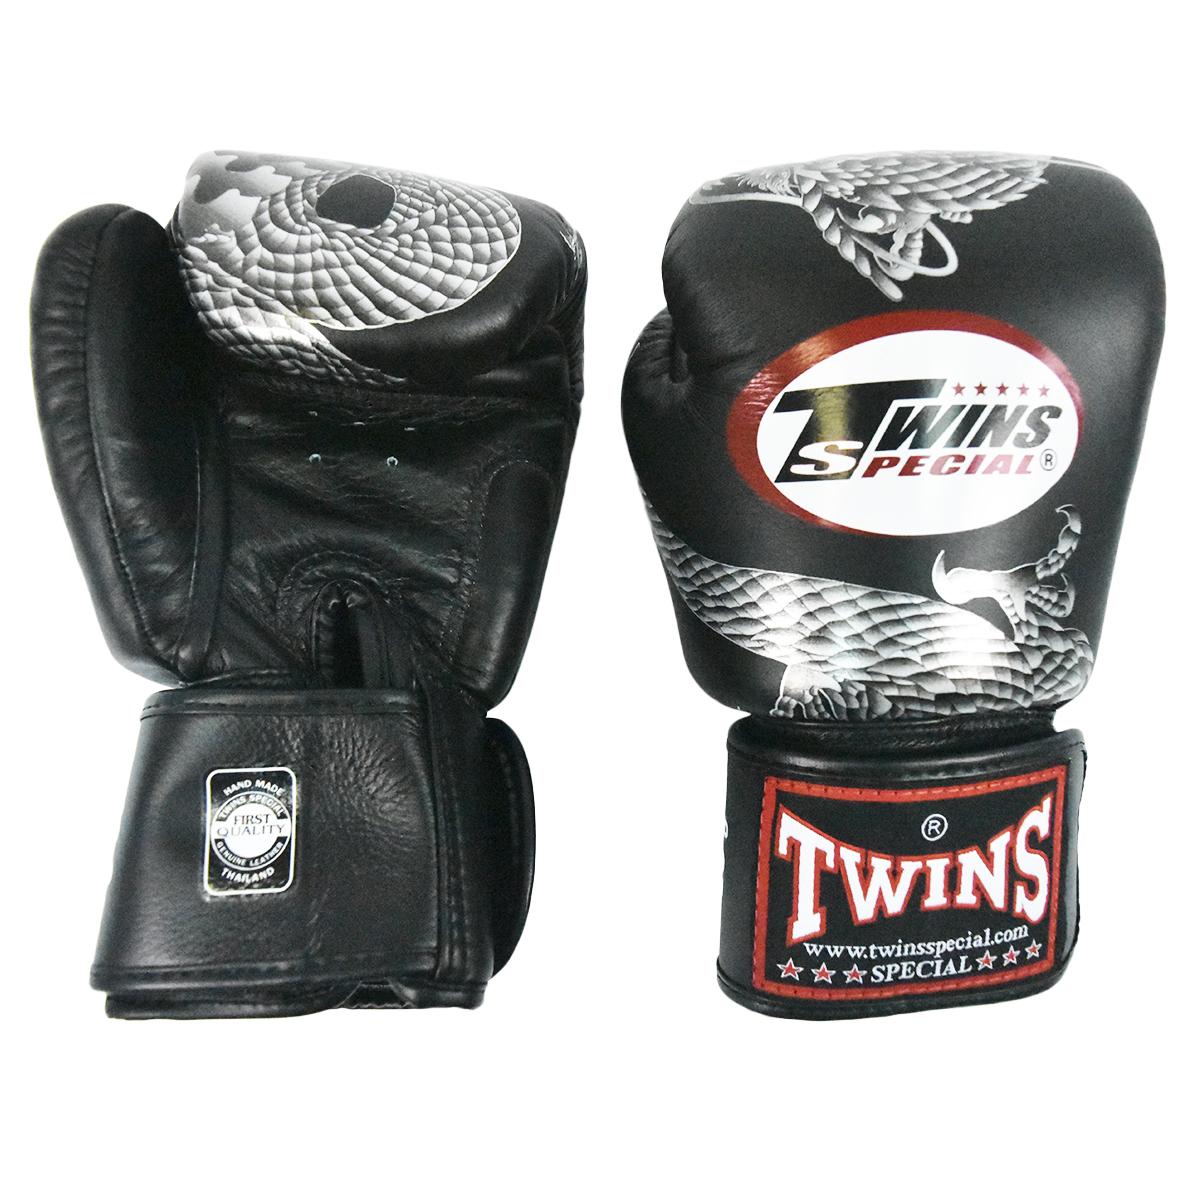 Купить Перчатки для бокса Twins Special Уценка (14), 5470_bk_sl